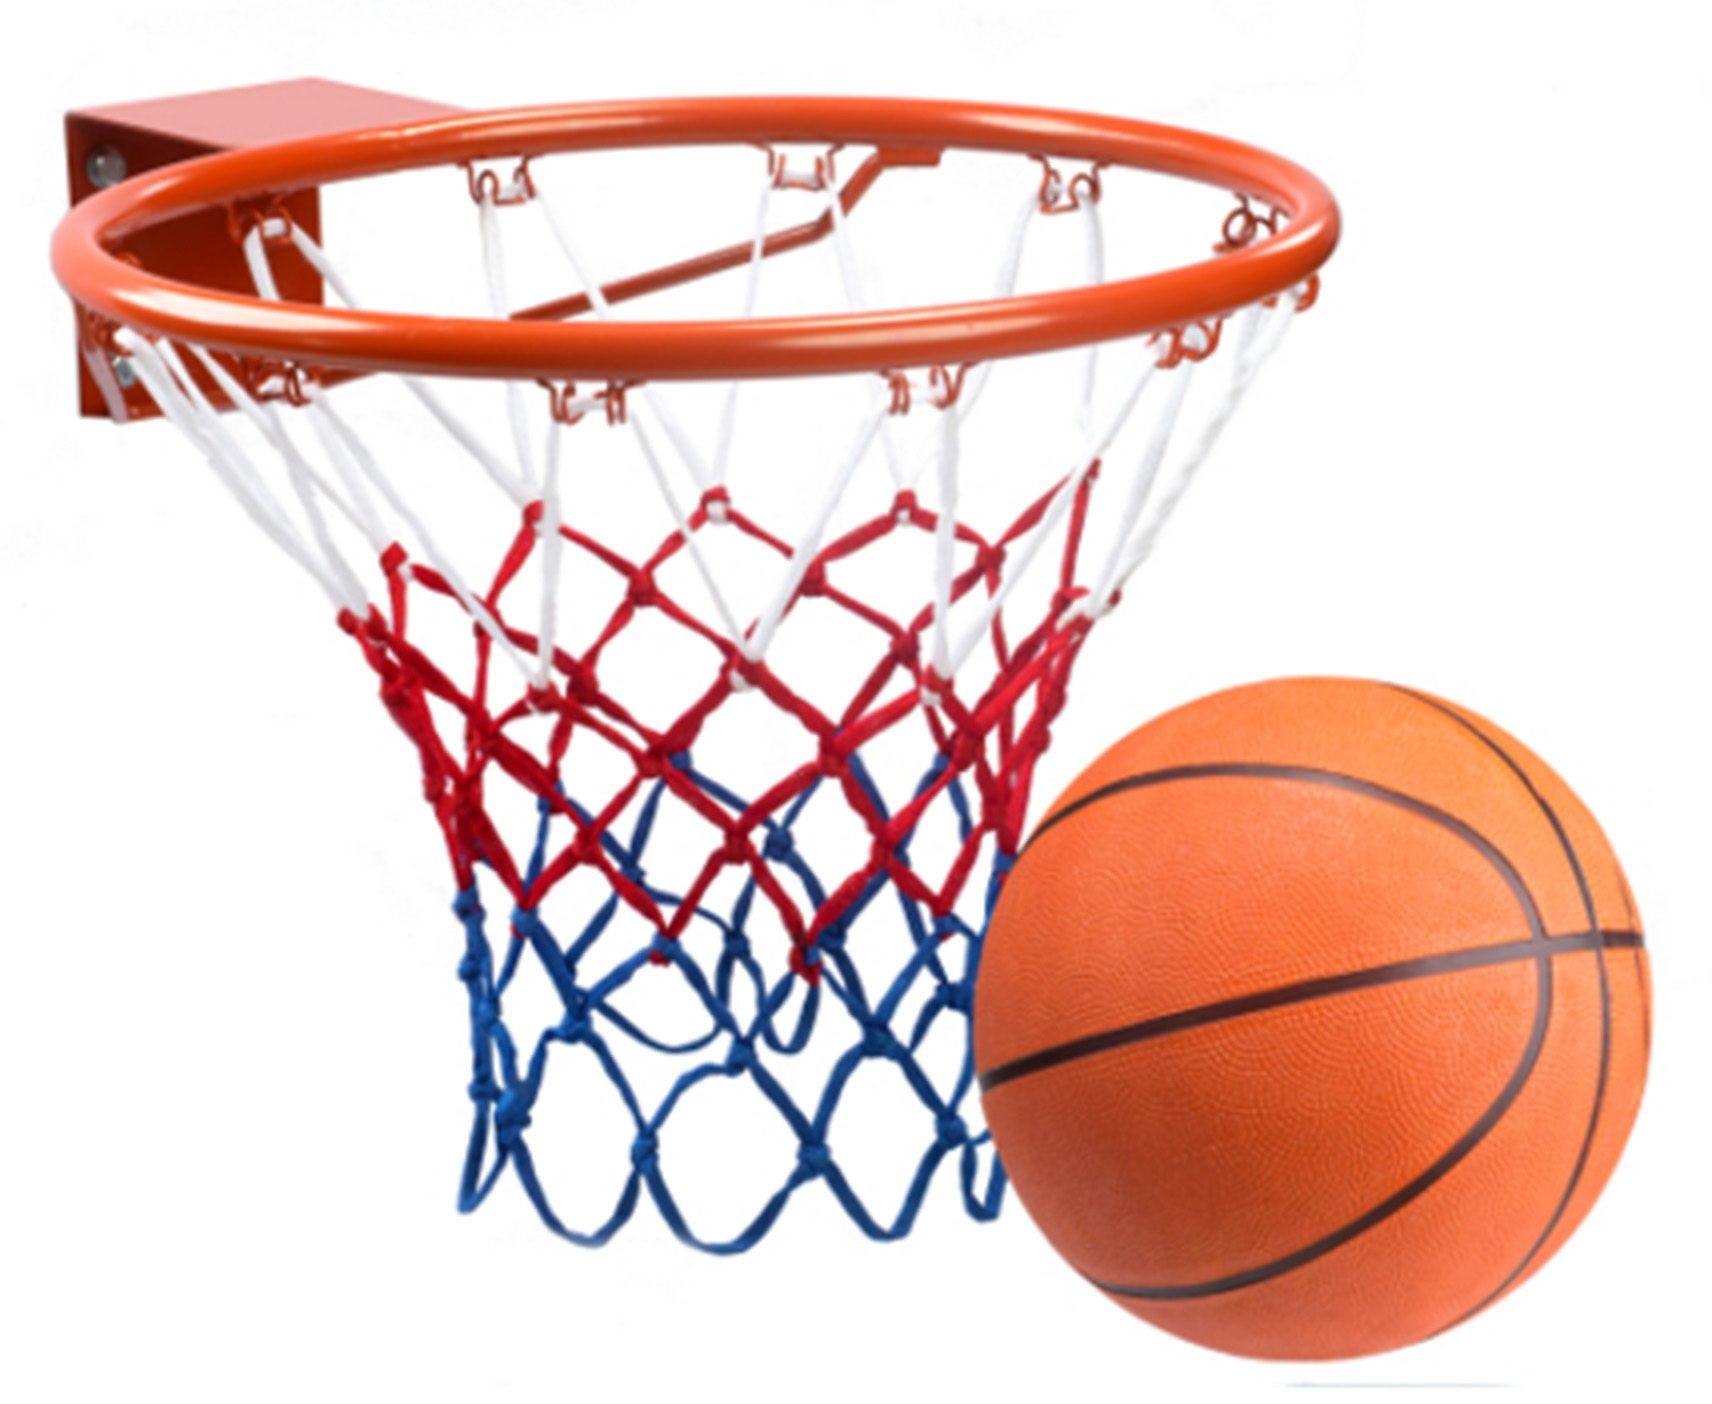 4Uniq Basketballkorbset